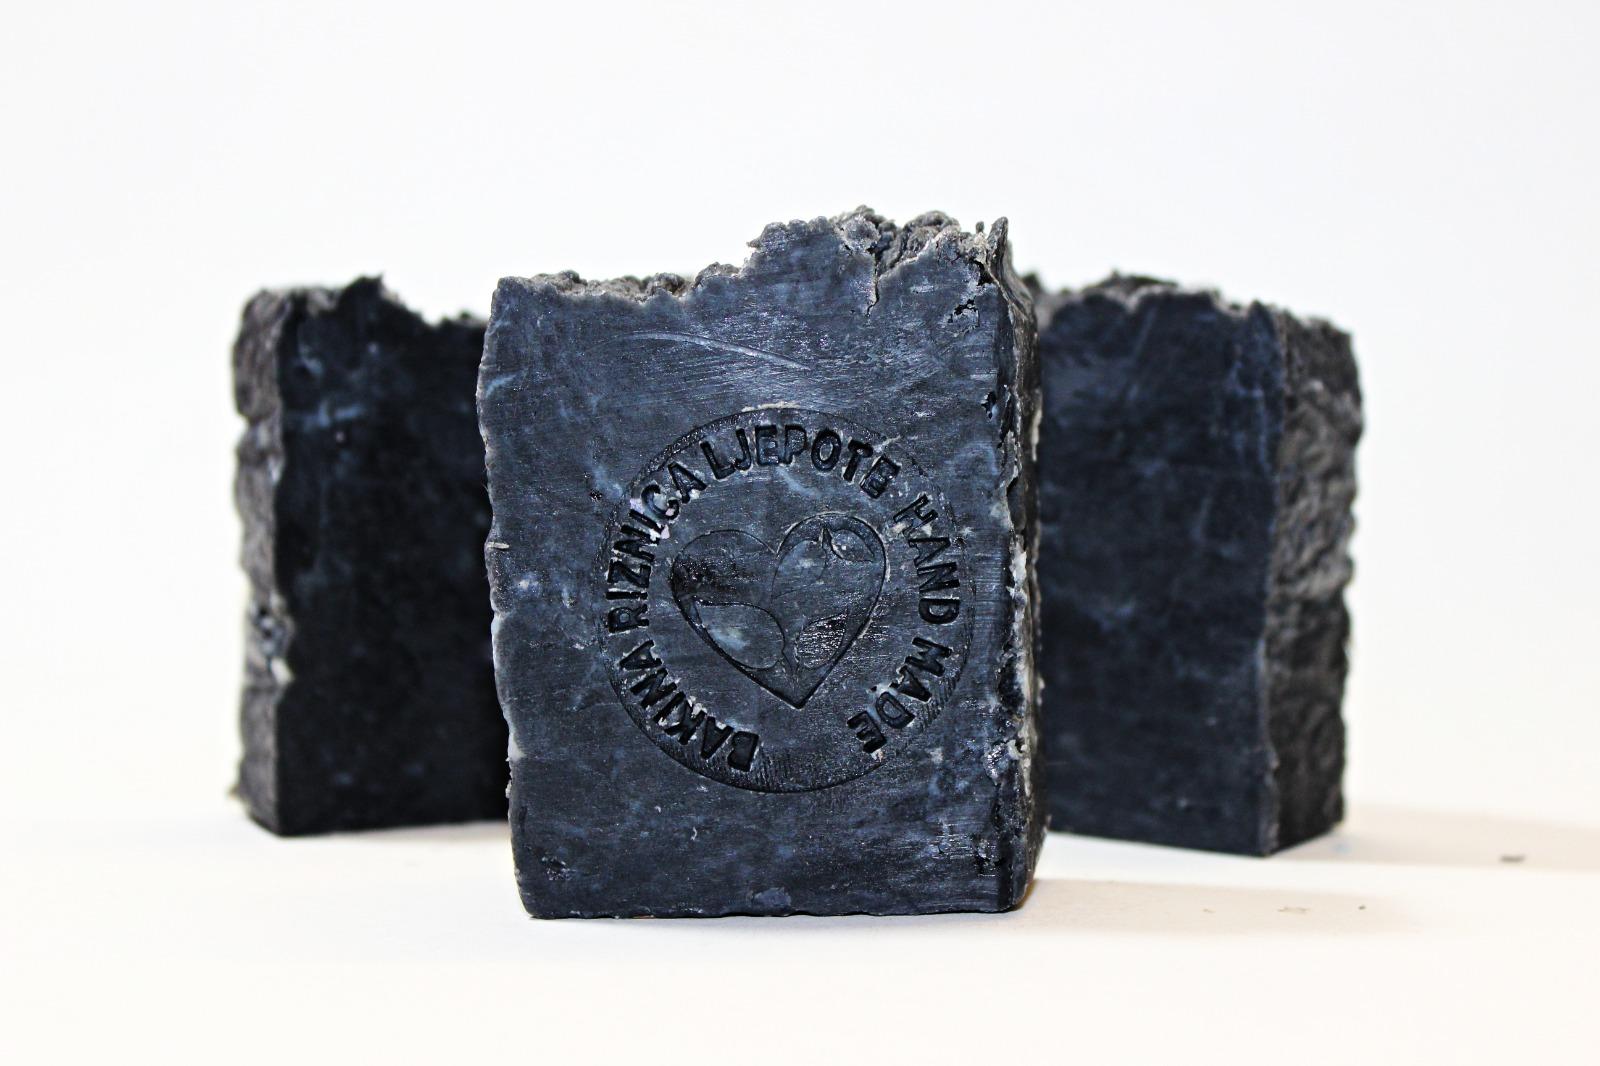 BLACK JACK - sapun s medicinskim ugljenom